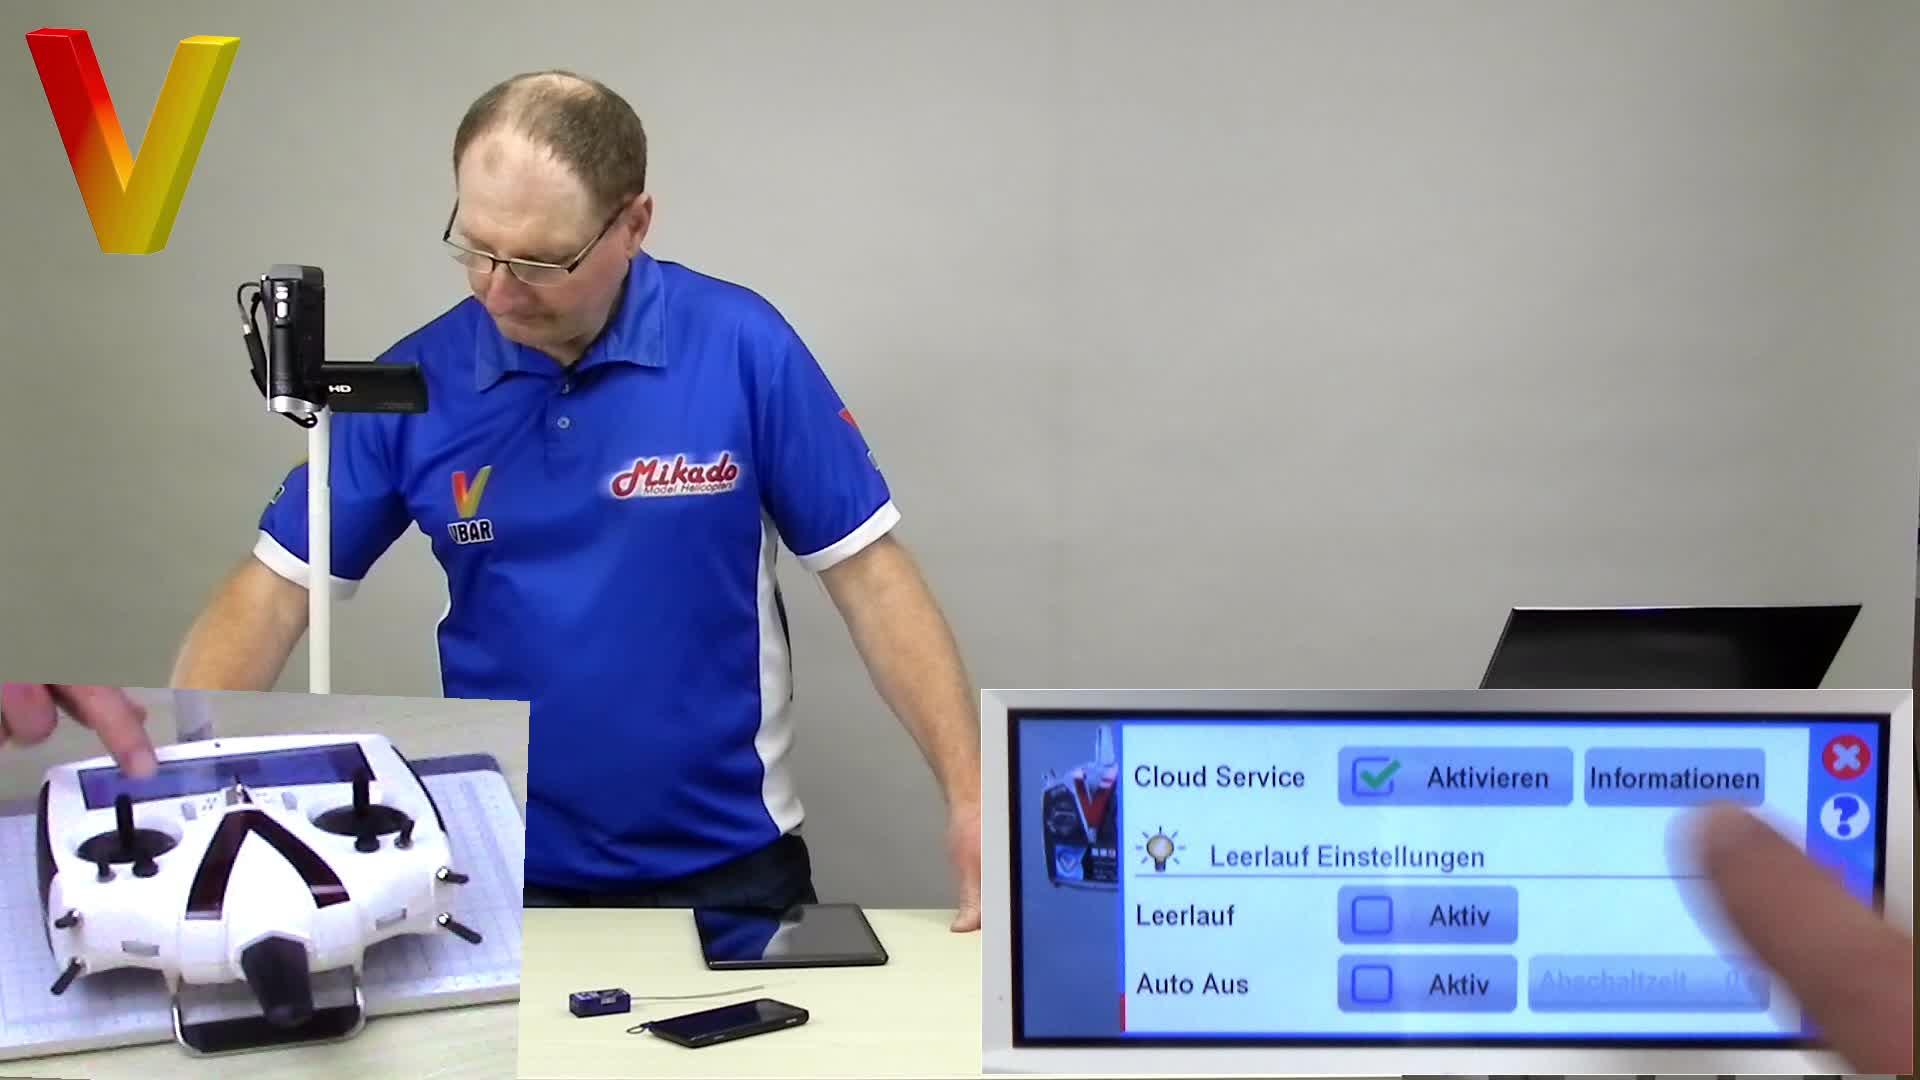 01 VBC-t Inbetriebnahme und App Store